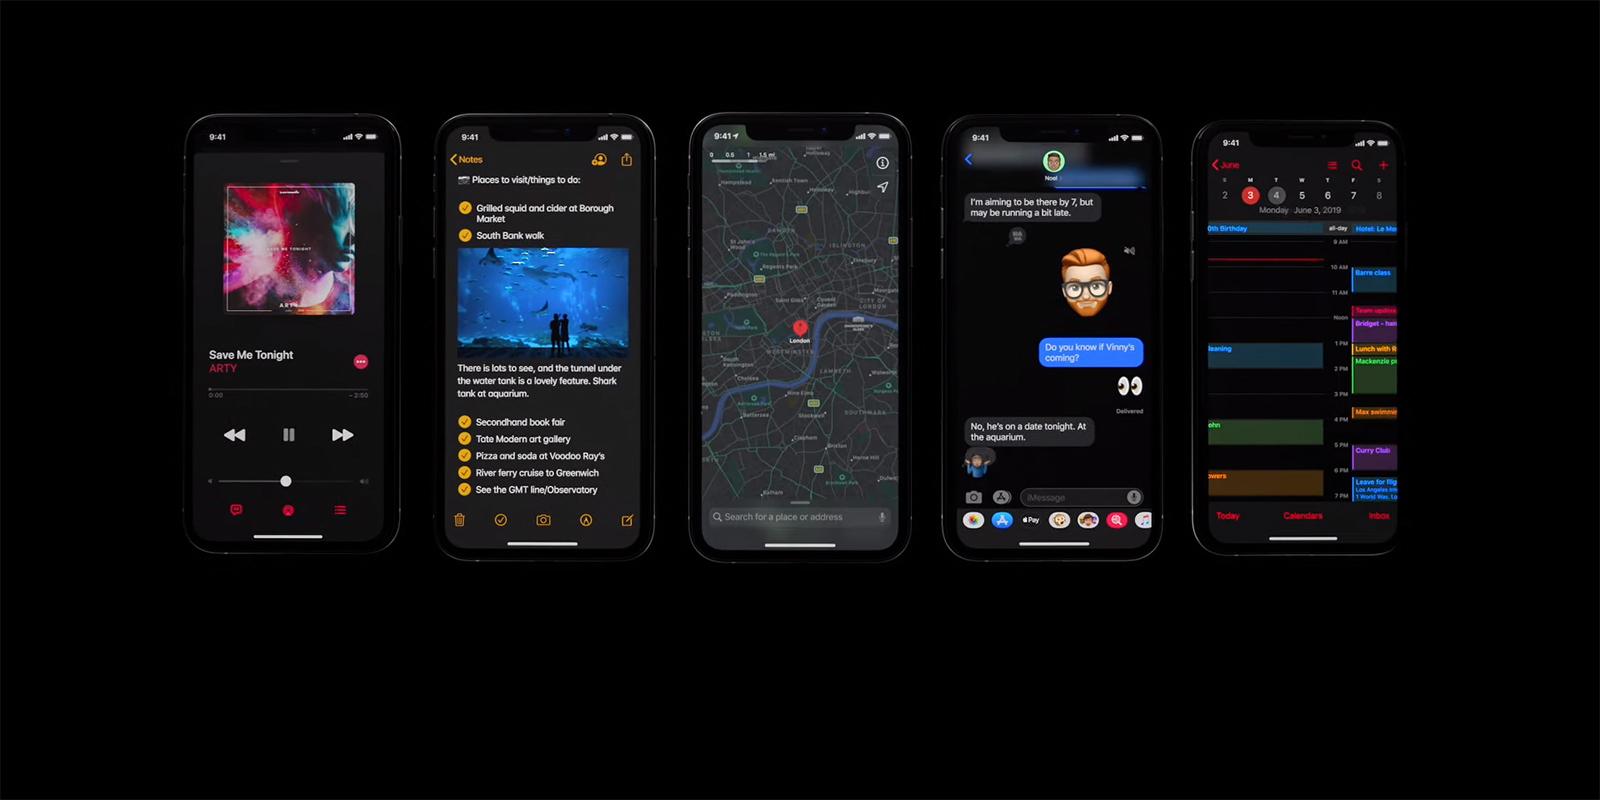 Apple анонсировала iOS 13 с тёмной темой и улучшенной производительностью